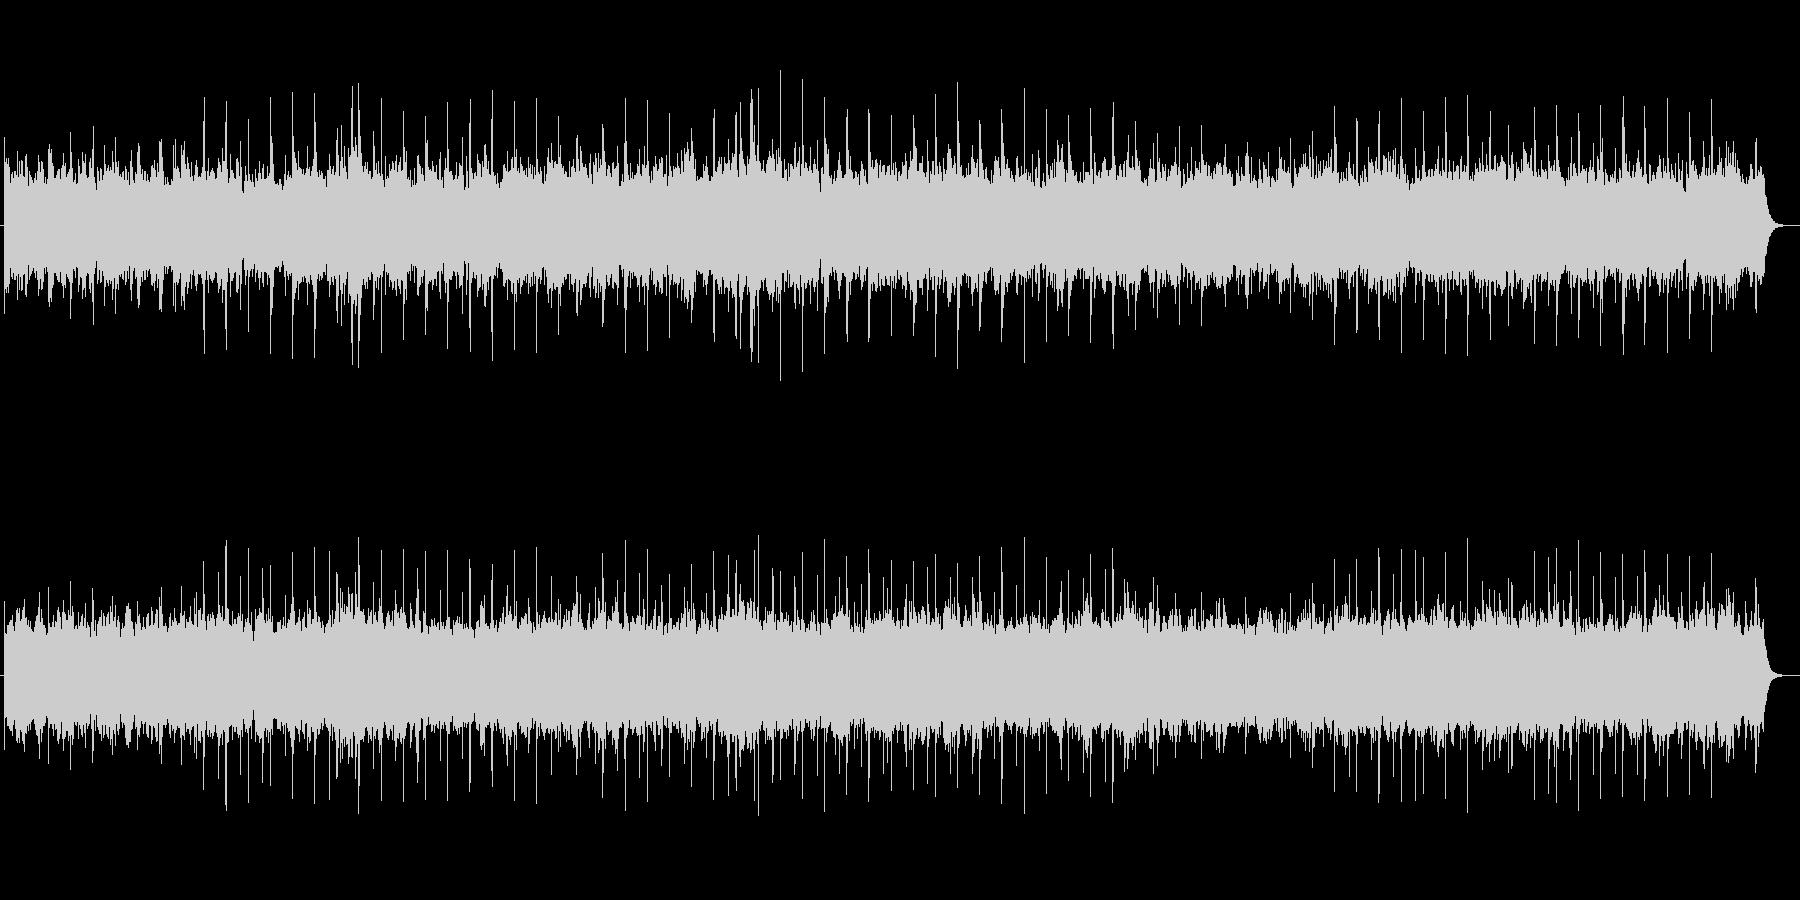 オーケストラ、ファンタジー系BGMの未再生の波形